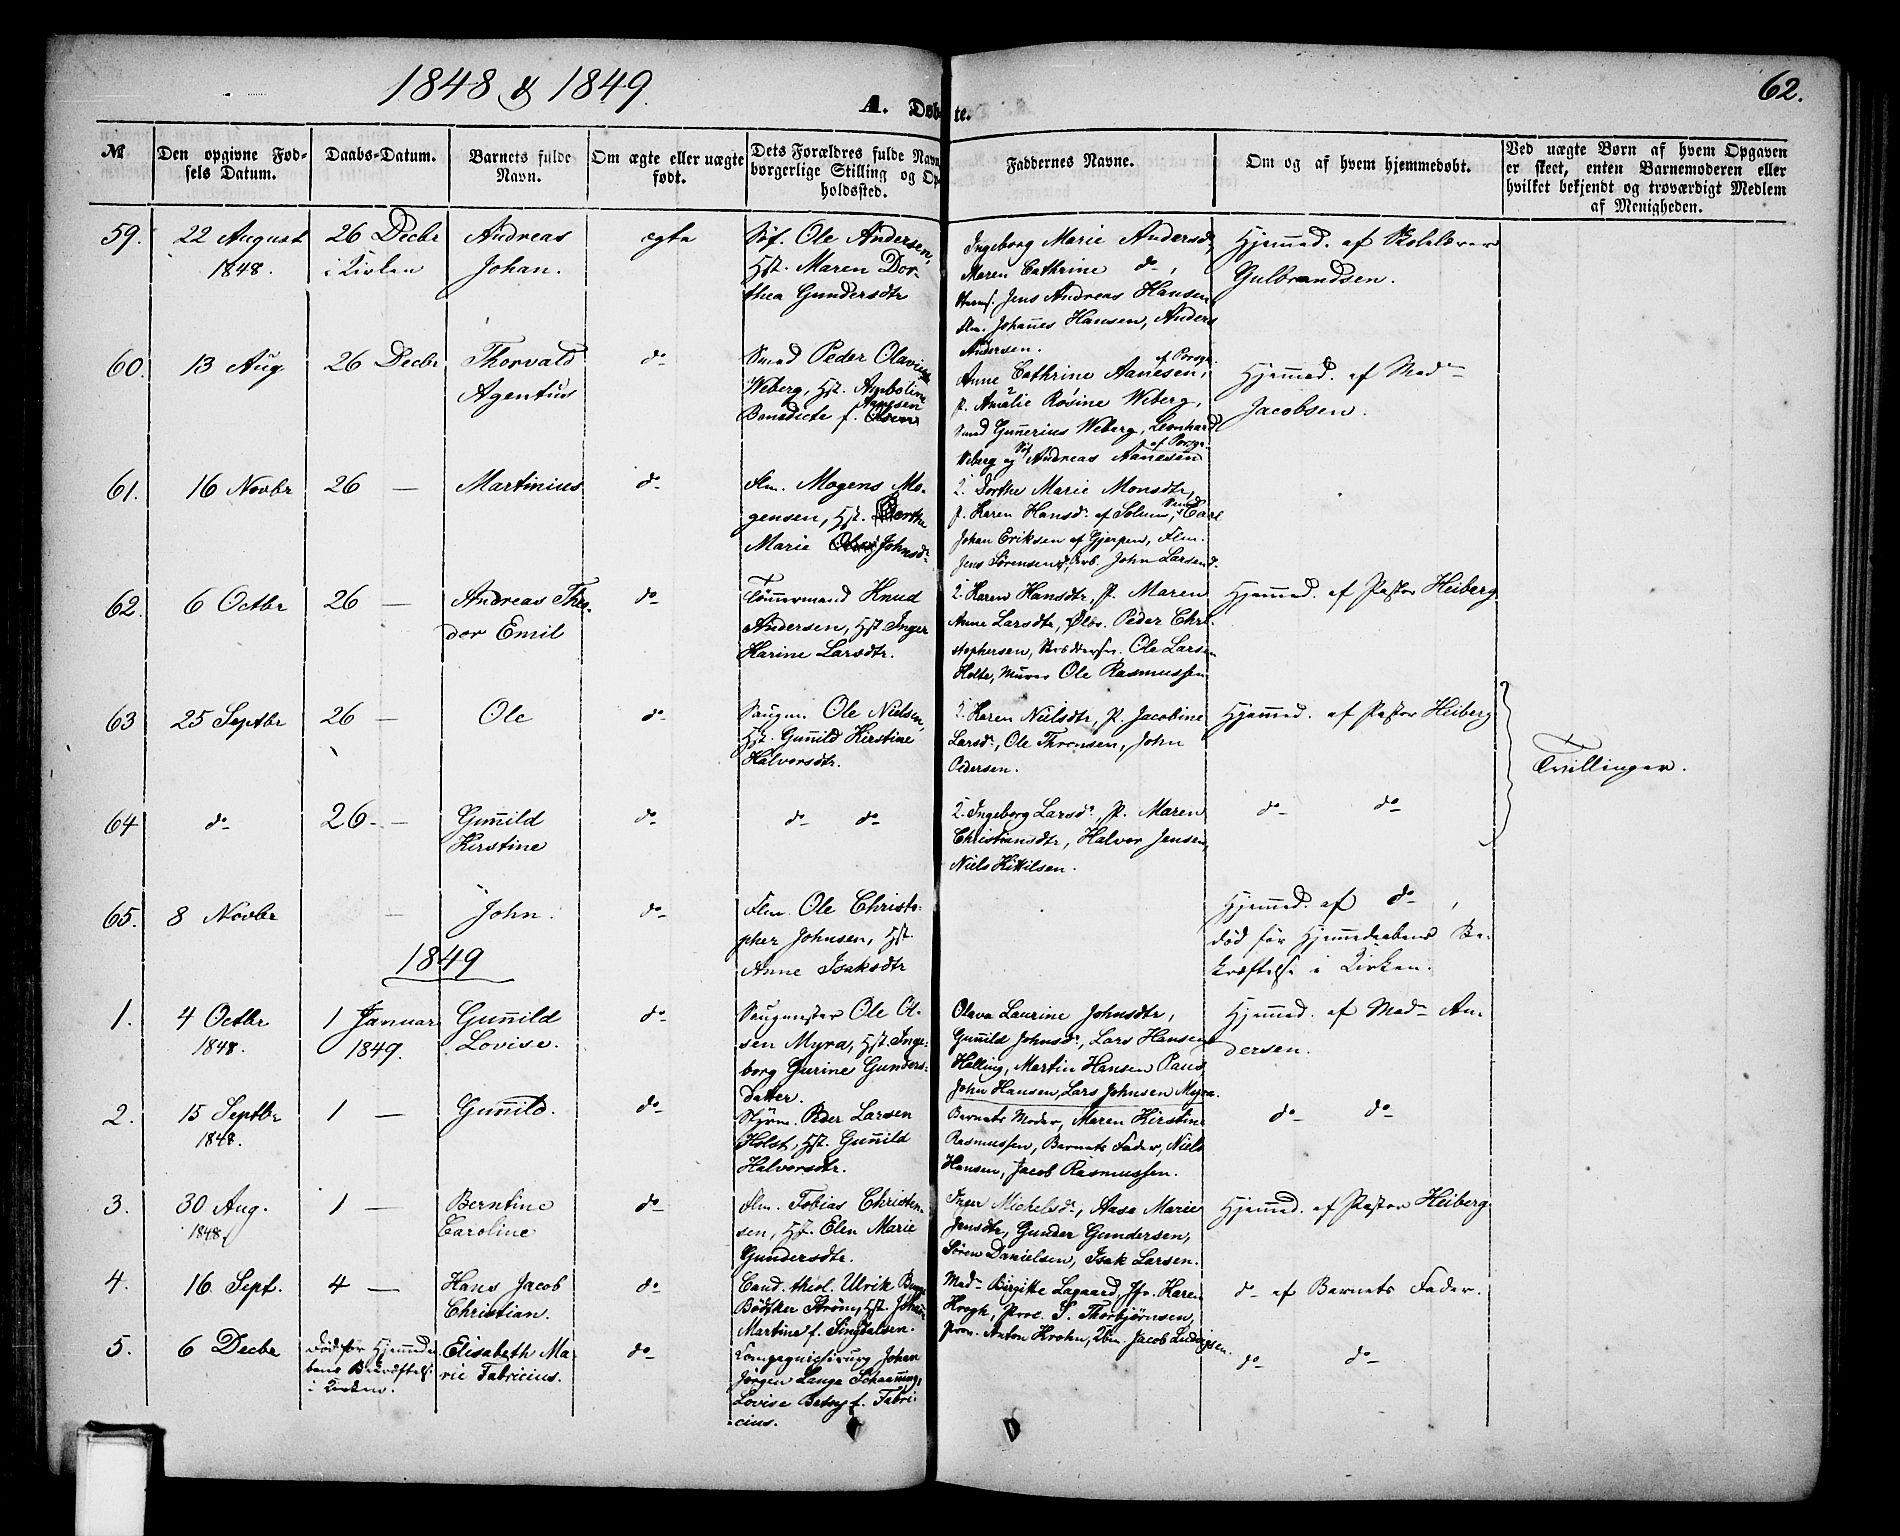 SAKO, Skien kirkebøker, G/Ga/L0004: Klokkerbok nr. 4, 1843-1867, s. 62